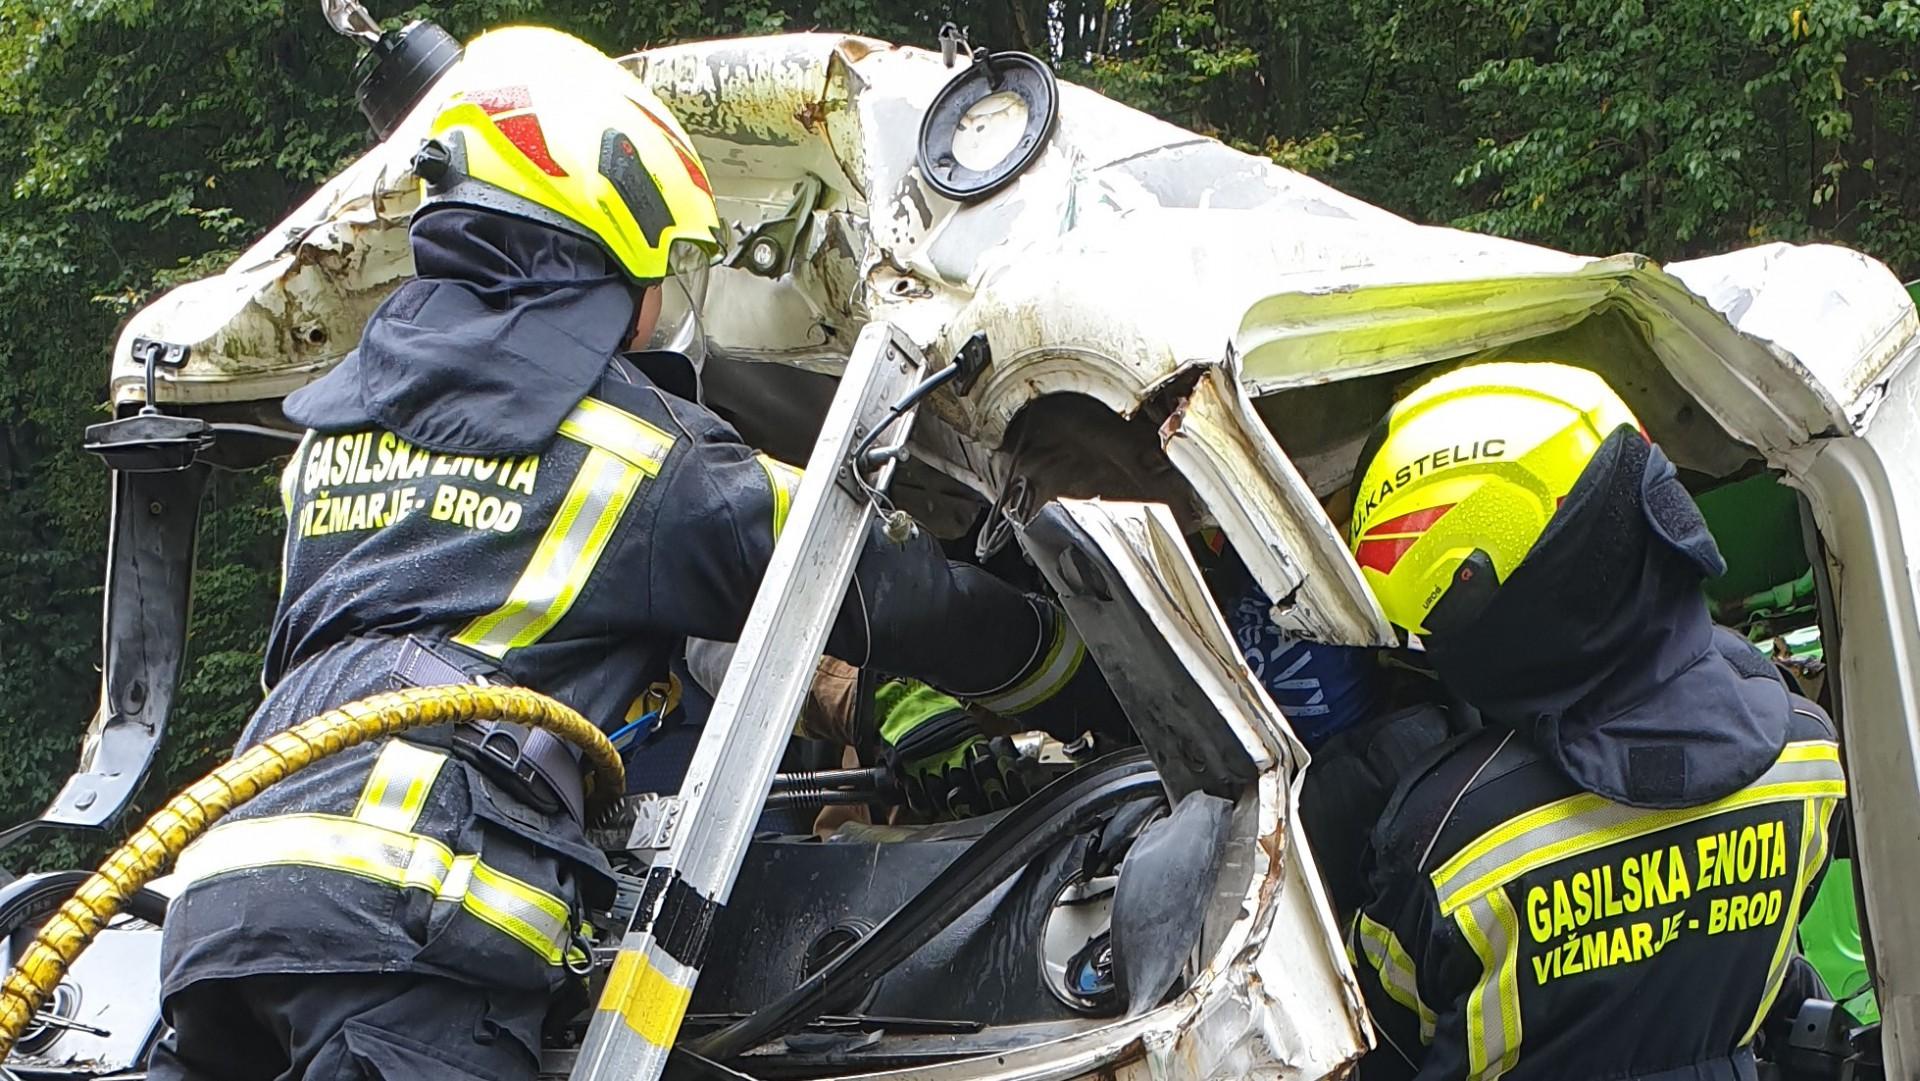 Usposabljanje tehničnega reševanja-razrez tovornih vozil